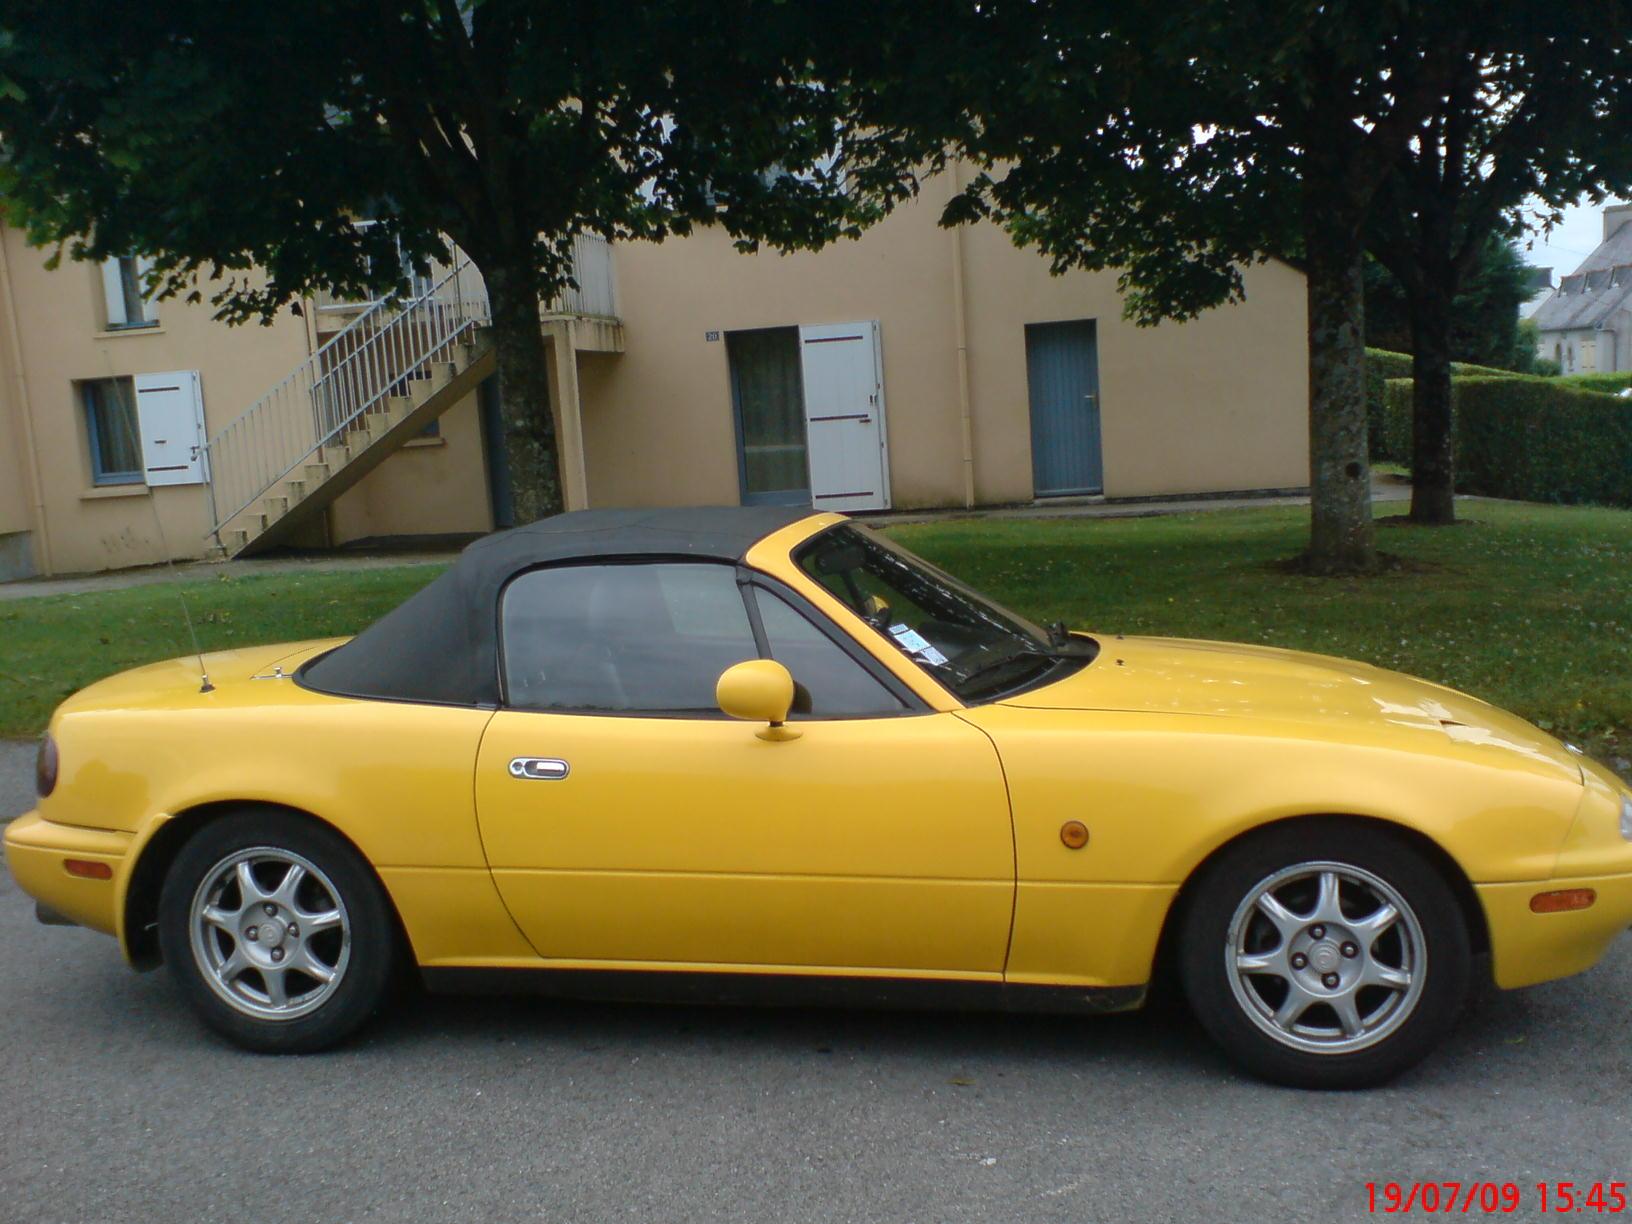 Mazda MX5 Cabriolet Jaune 1996